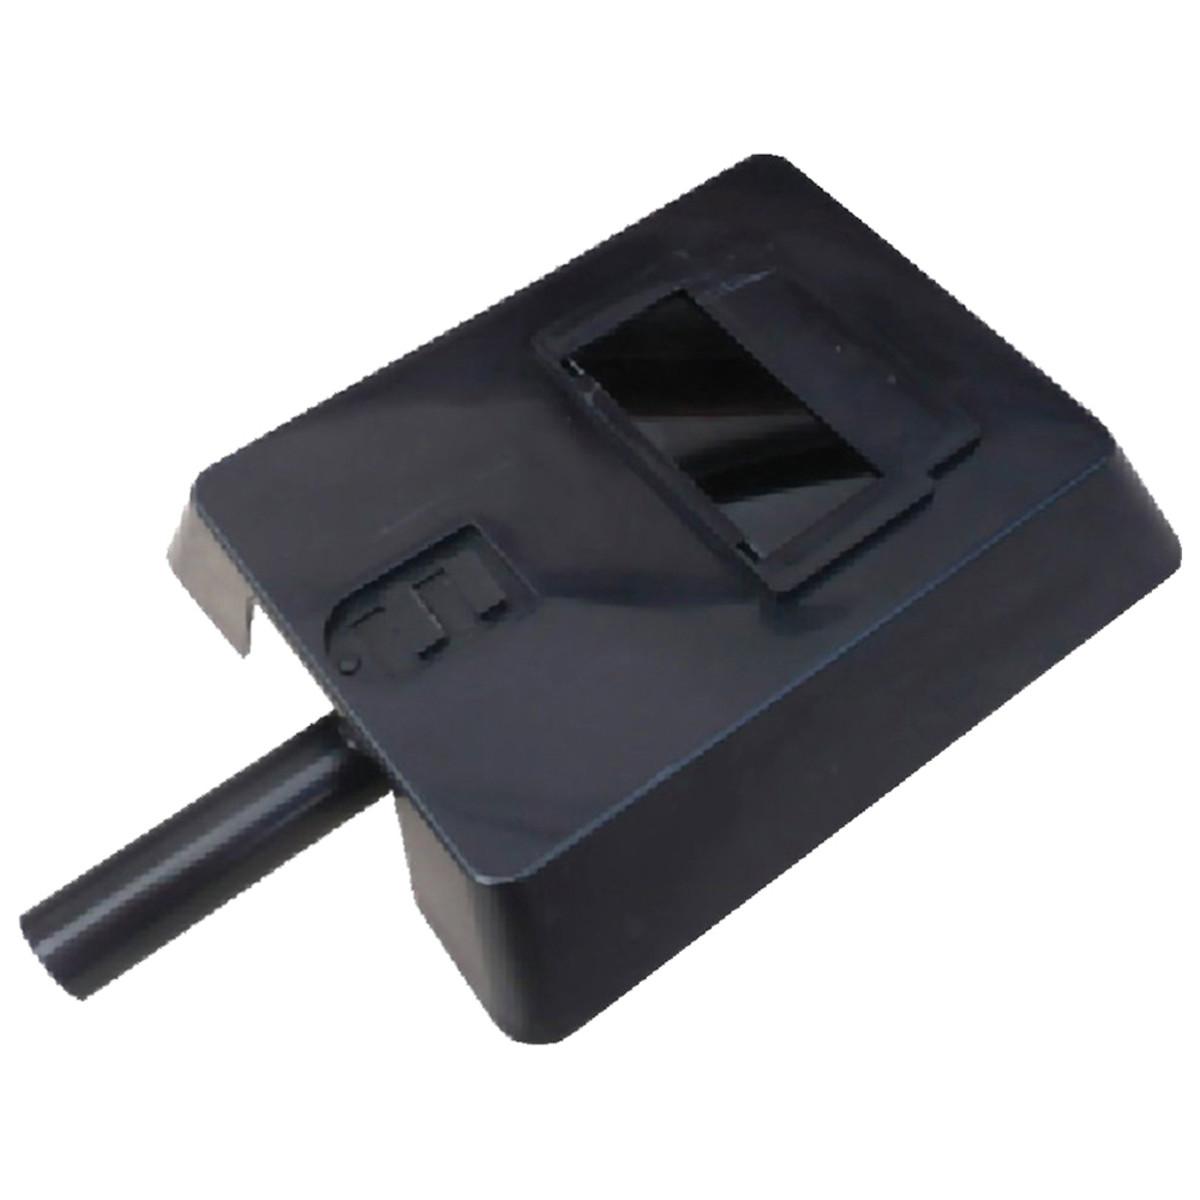 Дуговой Сварочный Инвертор Спец Mag170 Спец-Mag170 Invertor